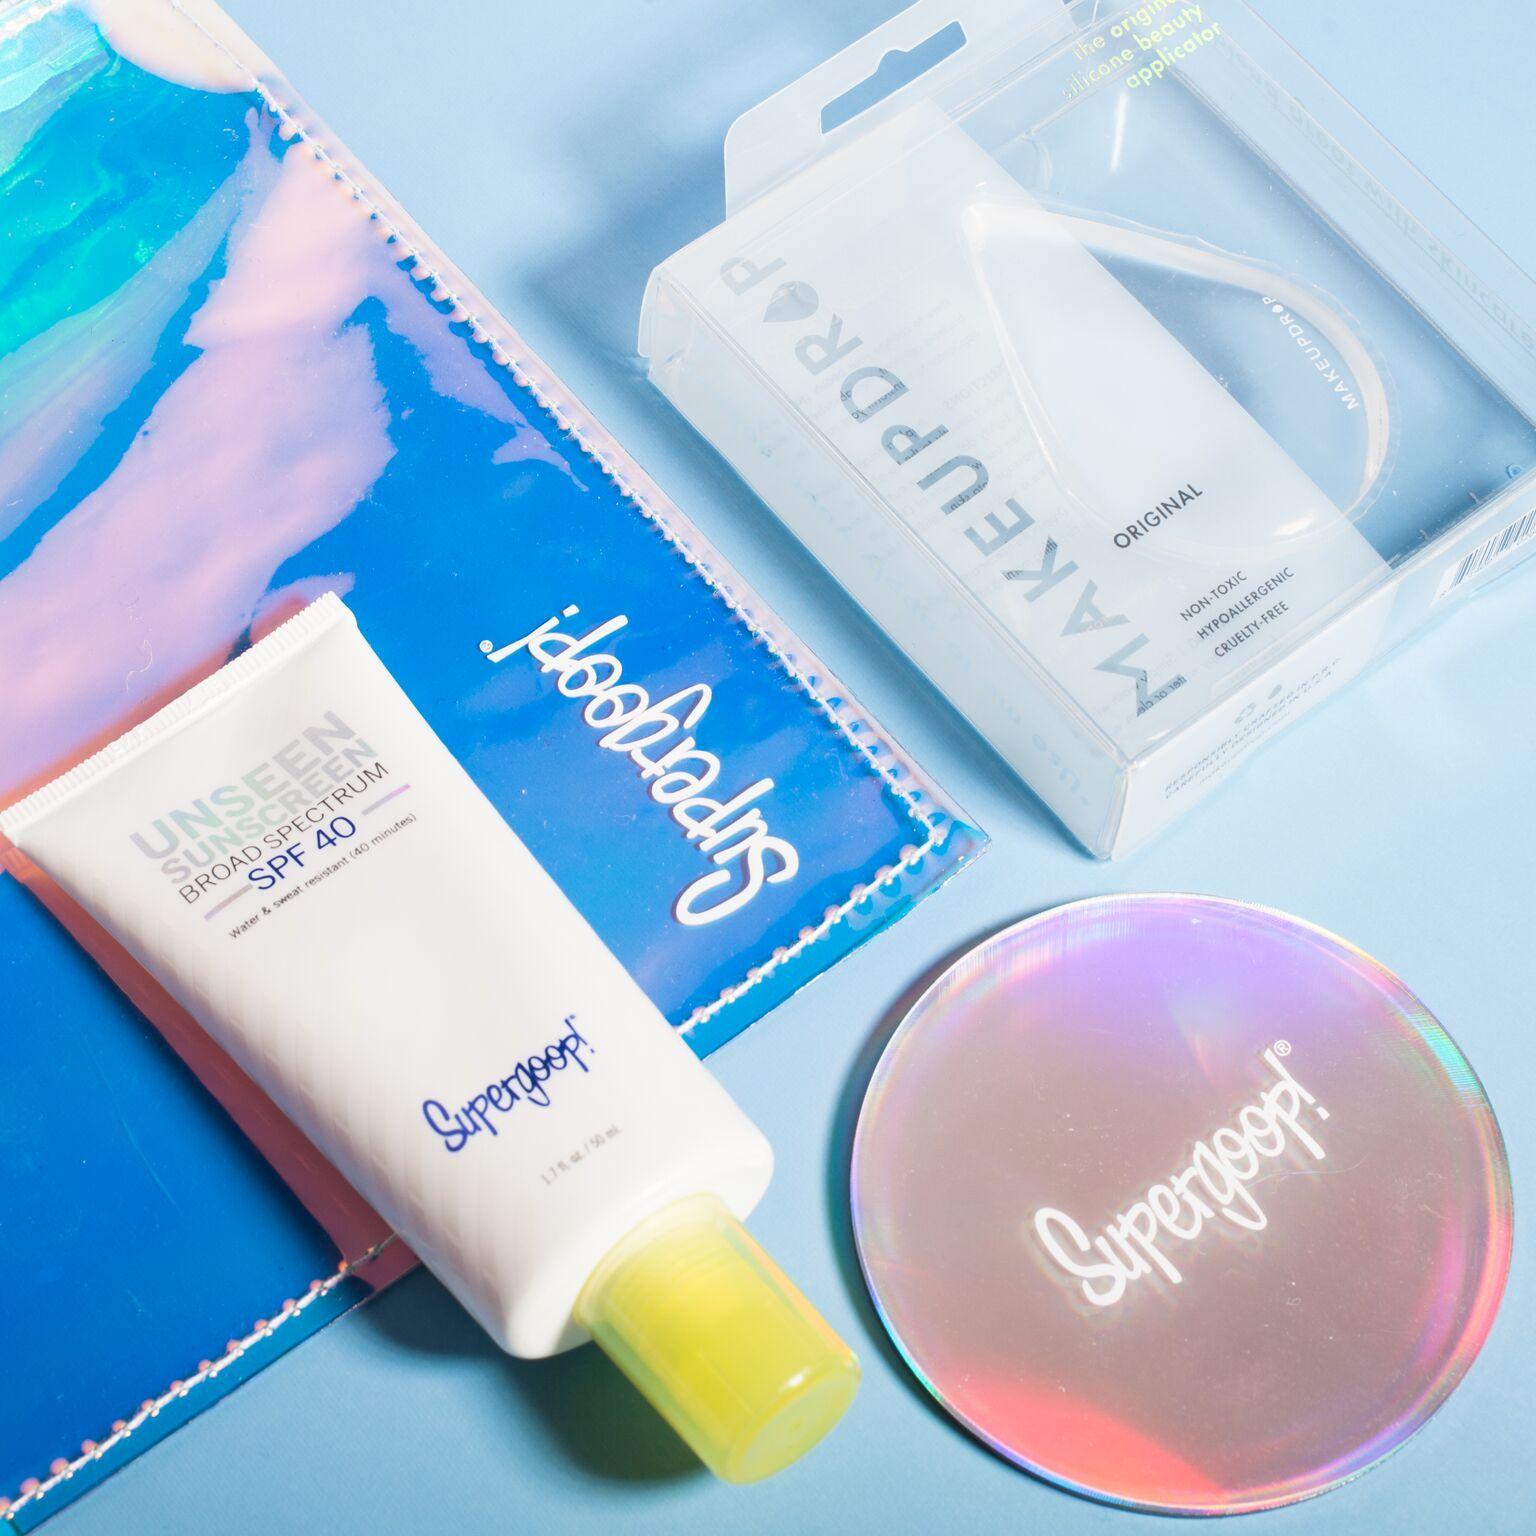 Unseen Sunscreen SPF 40 Sunscreen, Makeup